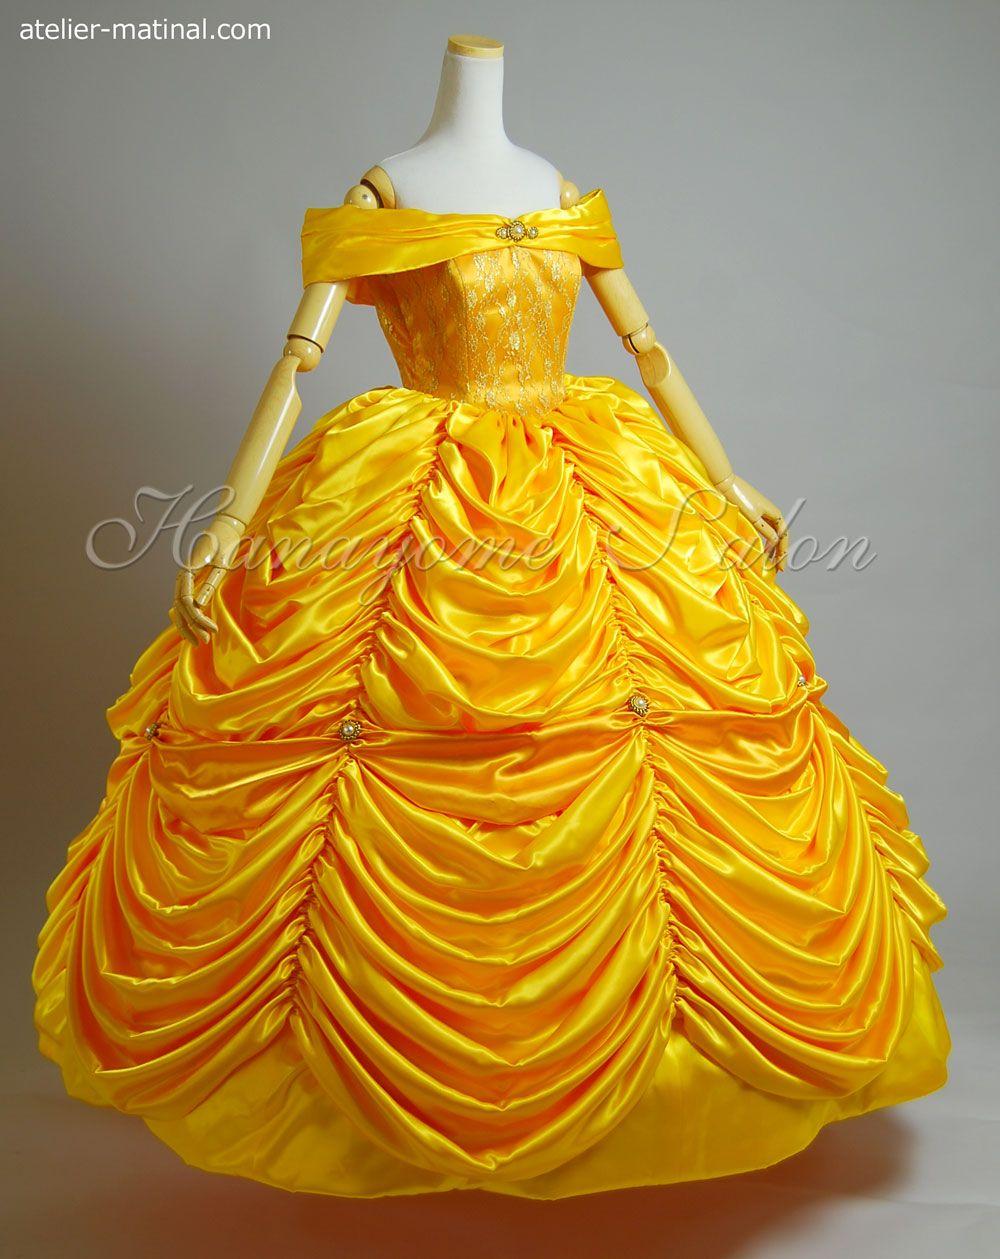 美女と野獣のベルのドレスのコスプレ衣装の作り方 , 自分で服